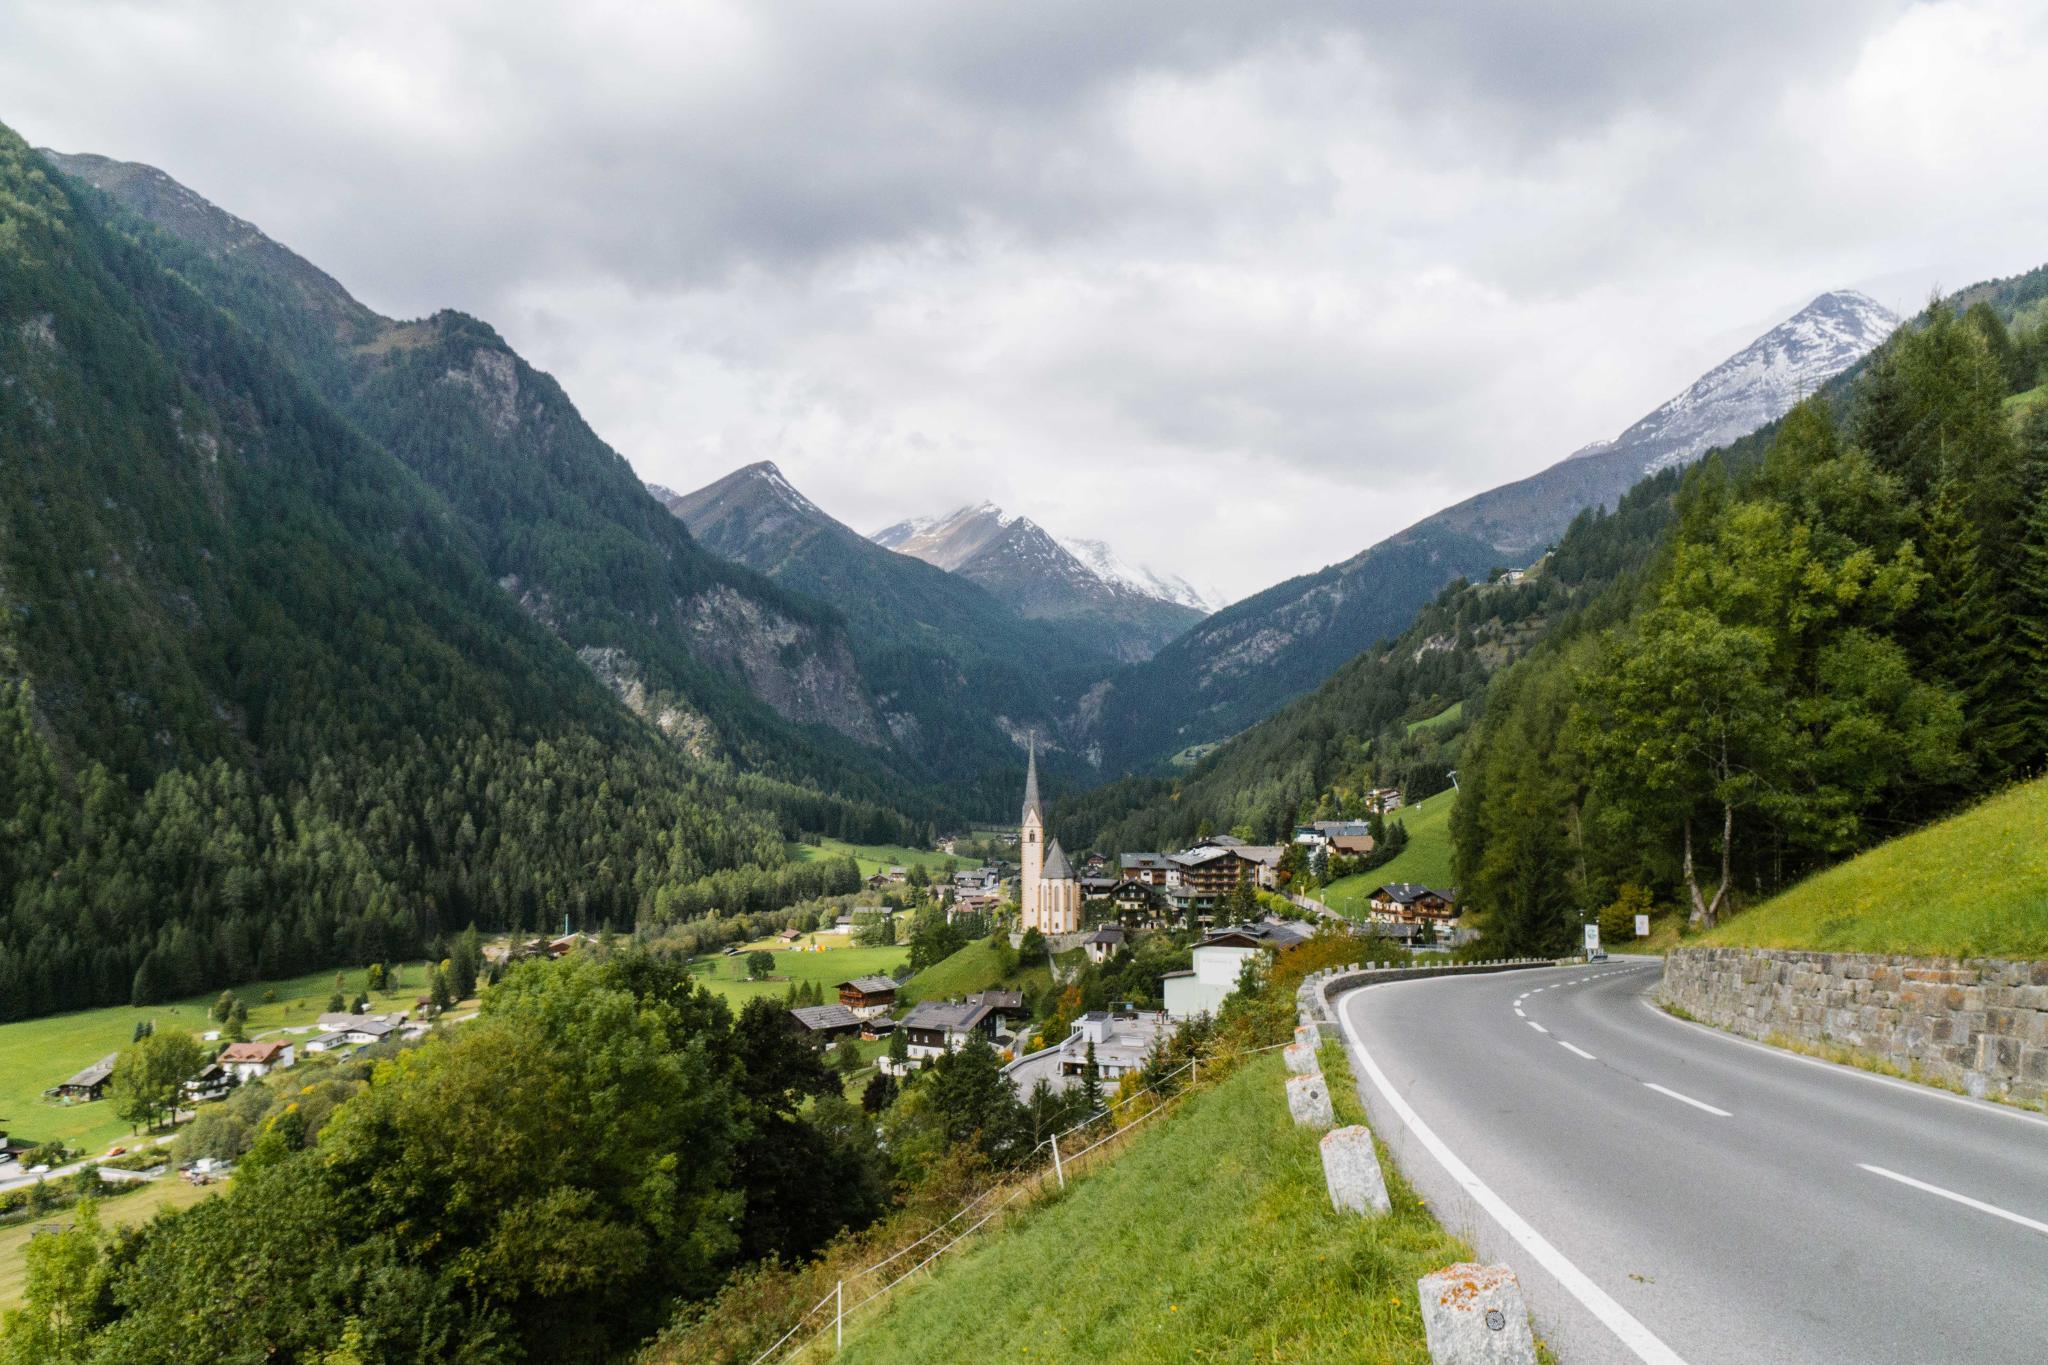 【奧地利】穿越阿爾卑斯之巔 — 奧地利大鐘山冰河公路 (Grossglockner High Alpine Road) 12